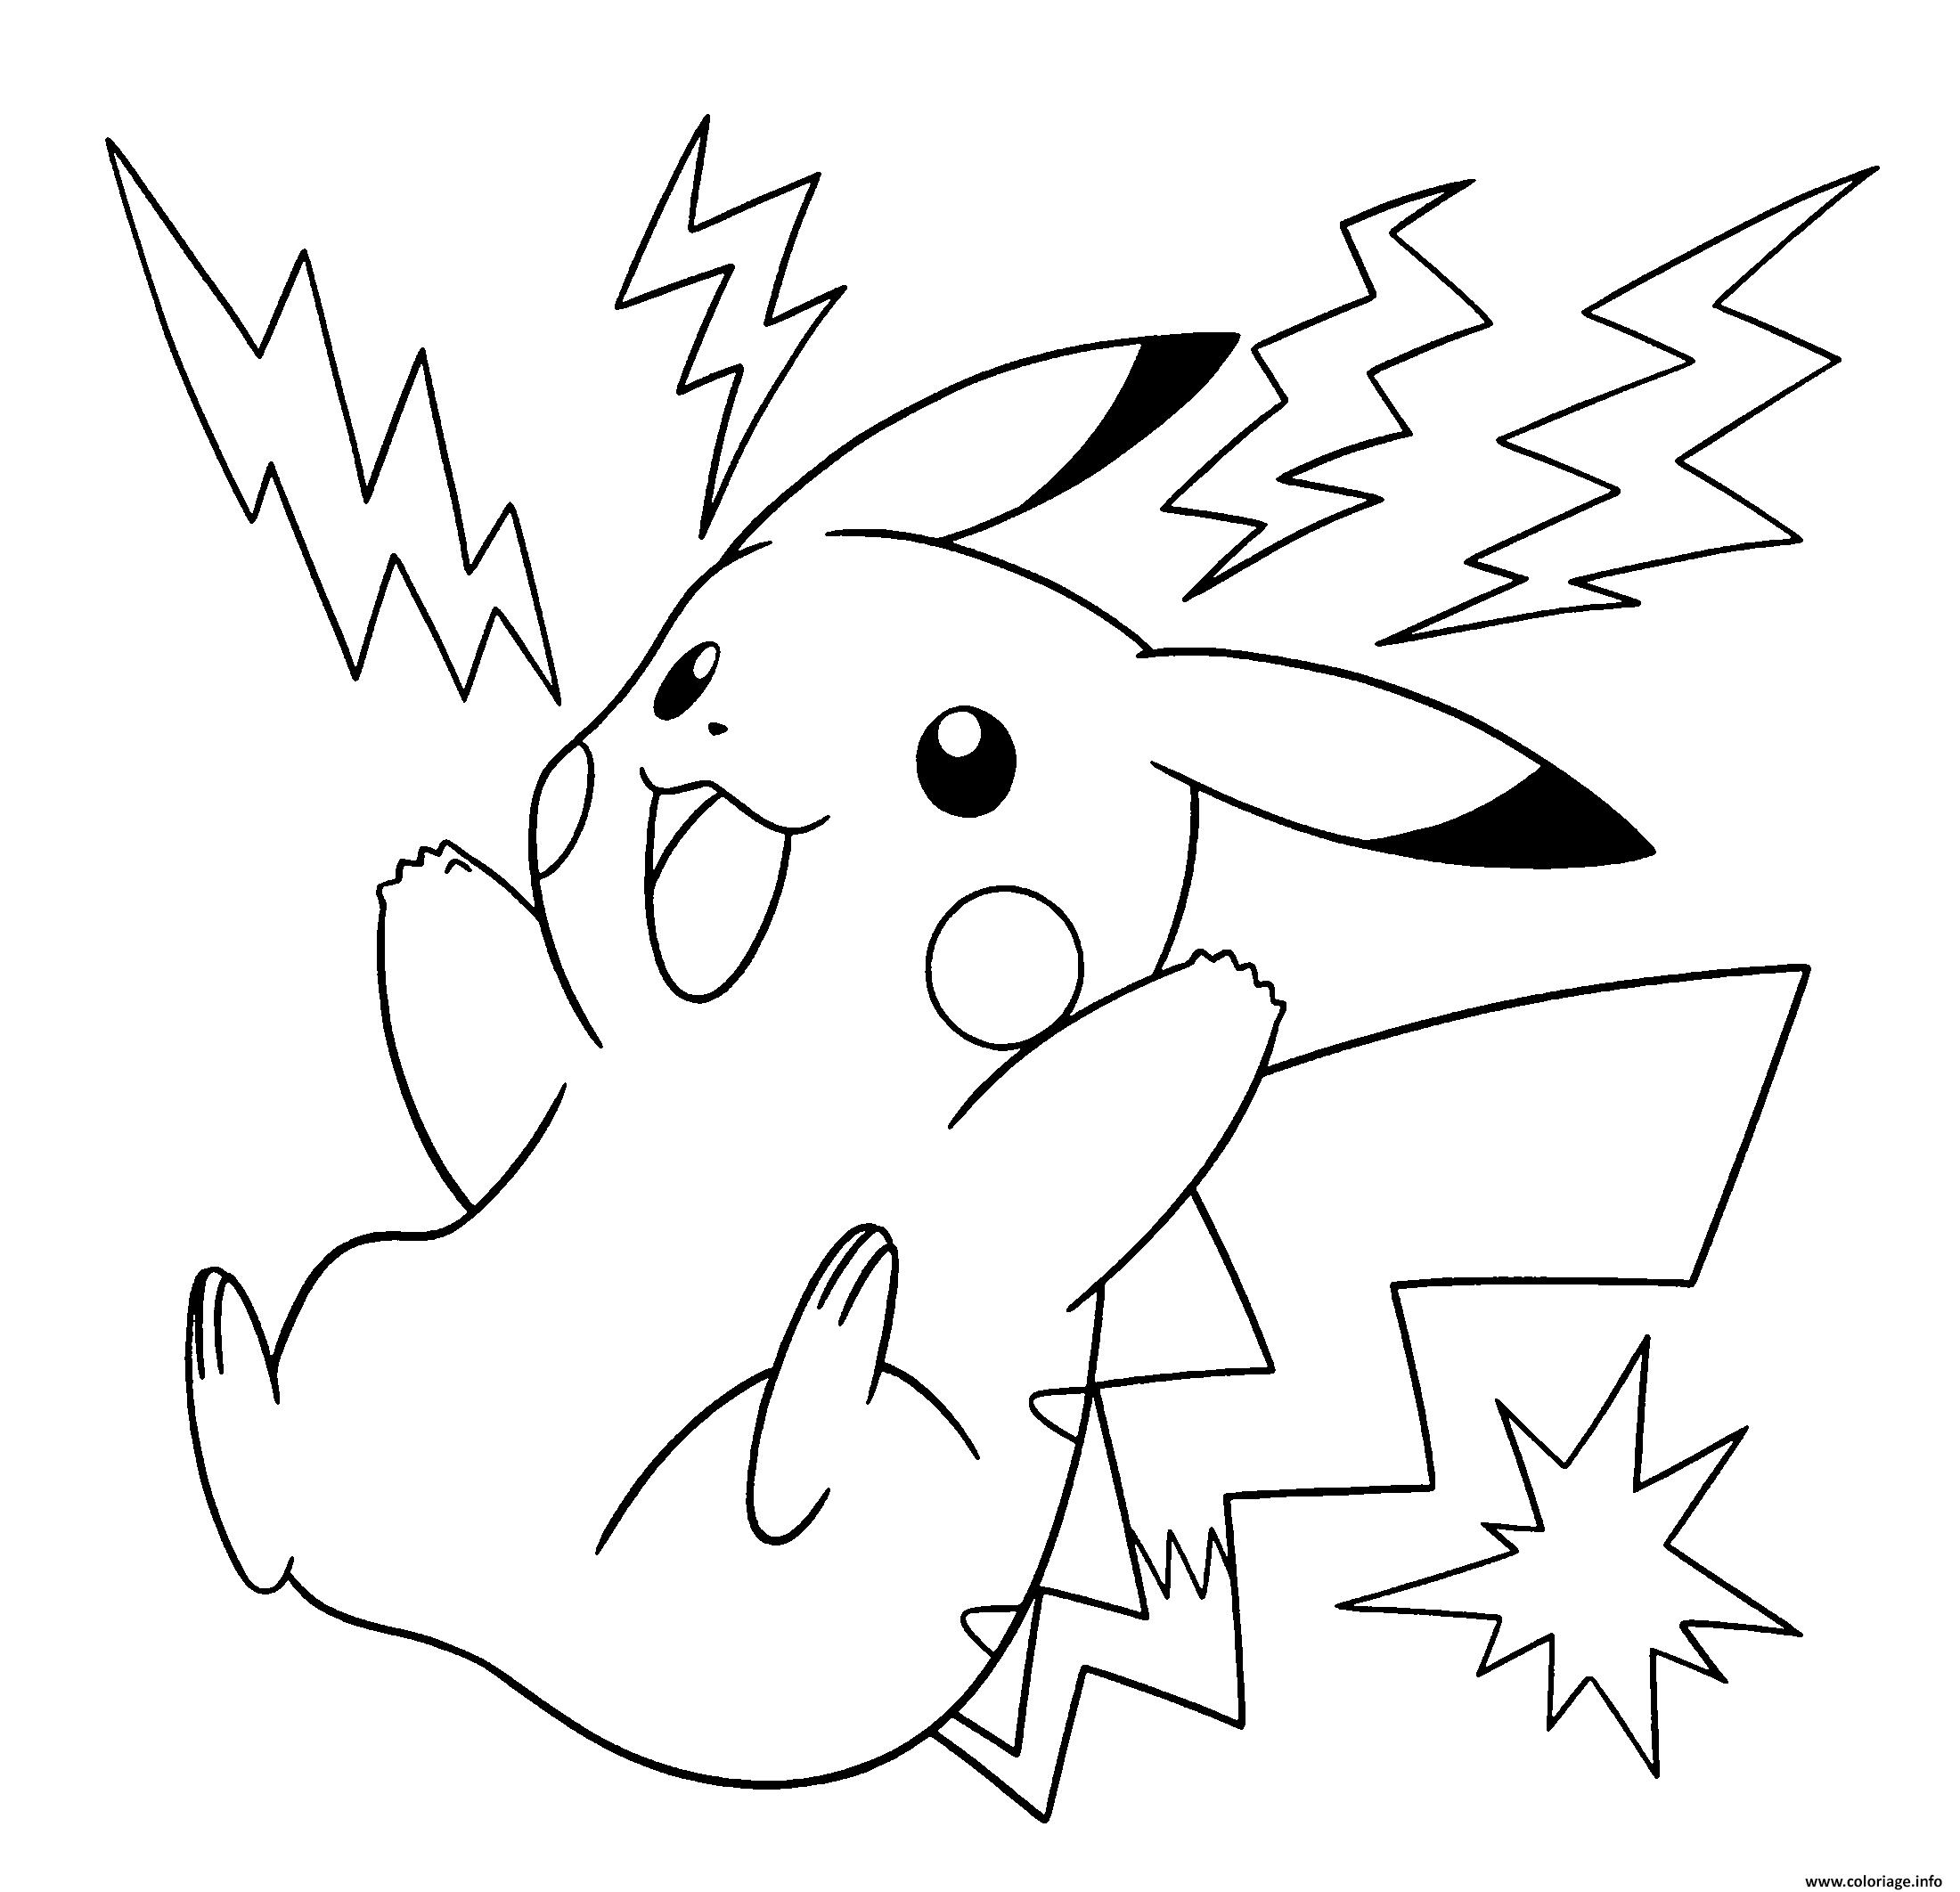 De Coloriages: Coloriage De Pokemon Legendaire tout Coloriage Barbapapa À Imprimer Gratuit